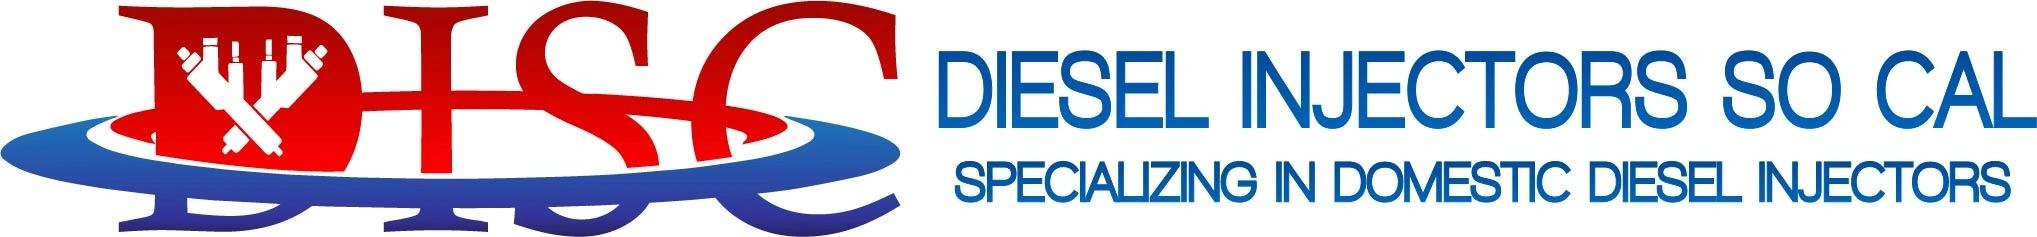 Diesel Injectors So Cal - Injector Rebuild, Diesel Injectors